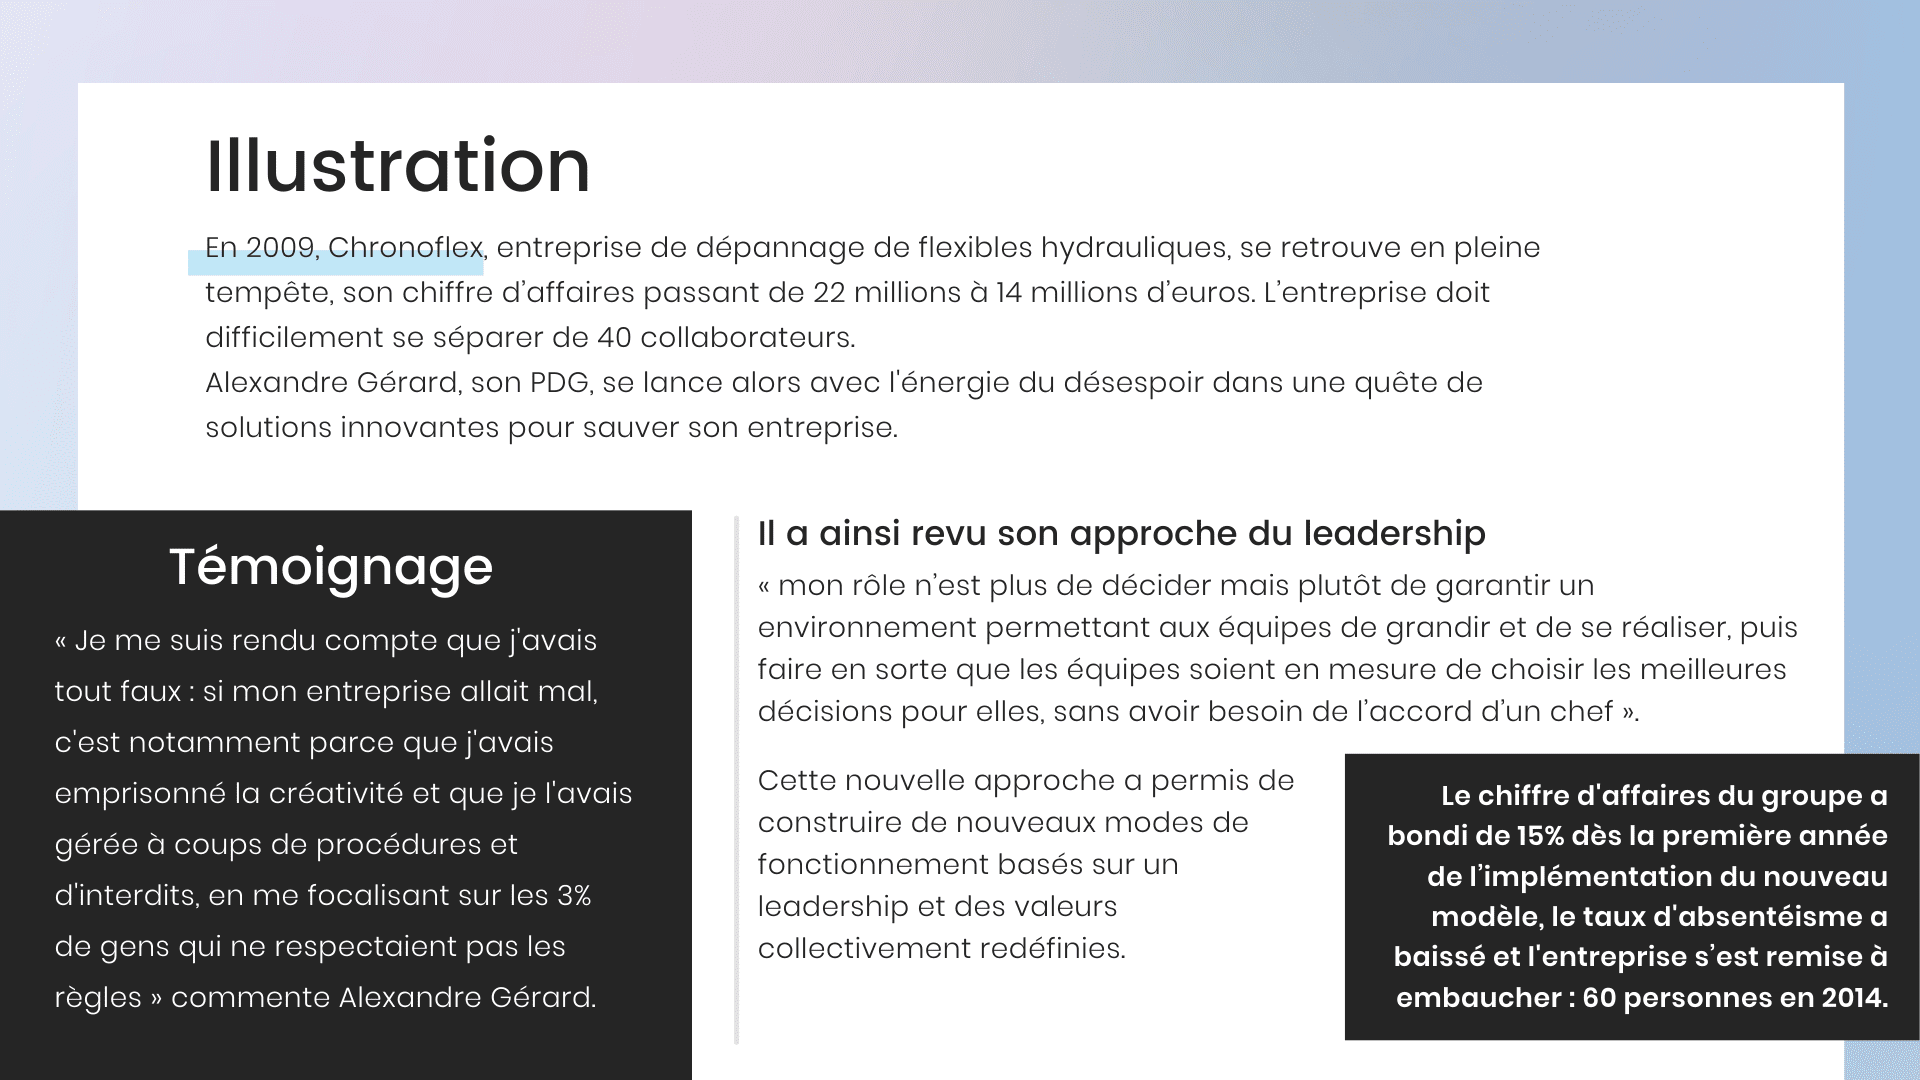 Visuel décrivant l'illustration Chronoflex